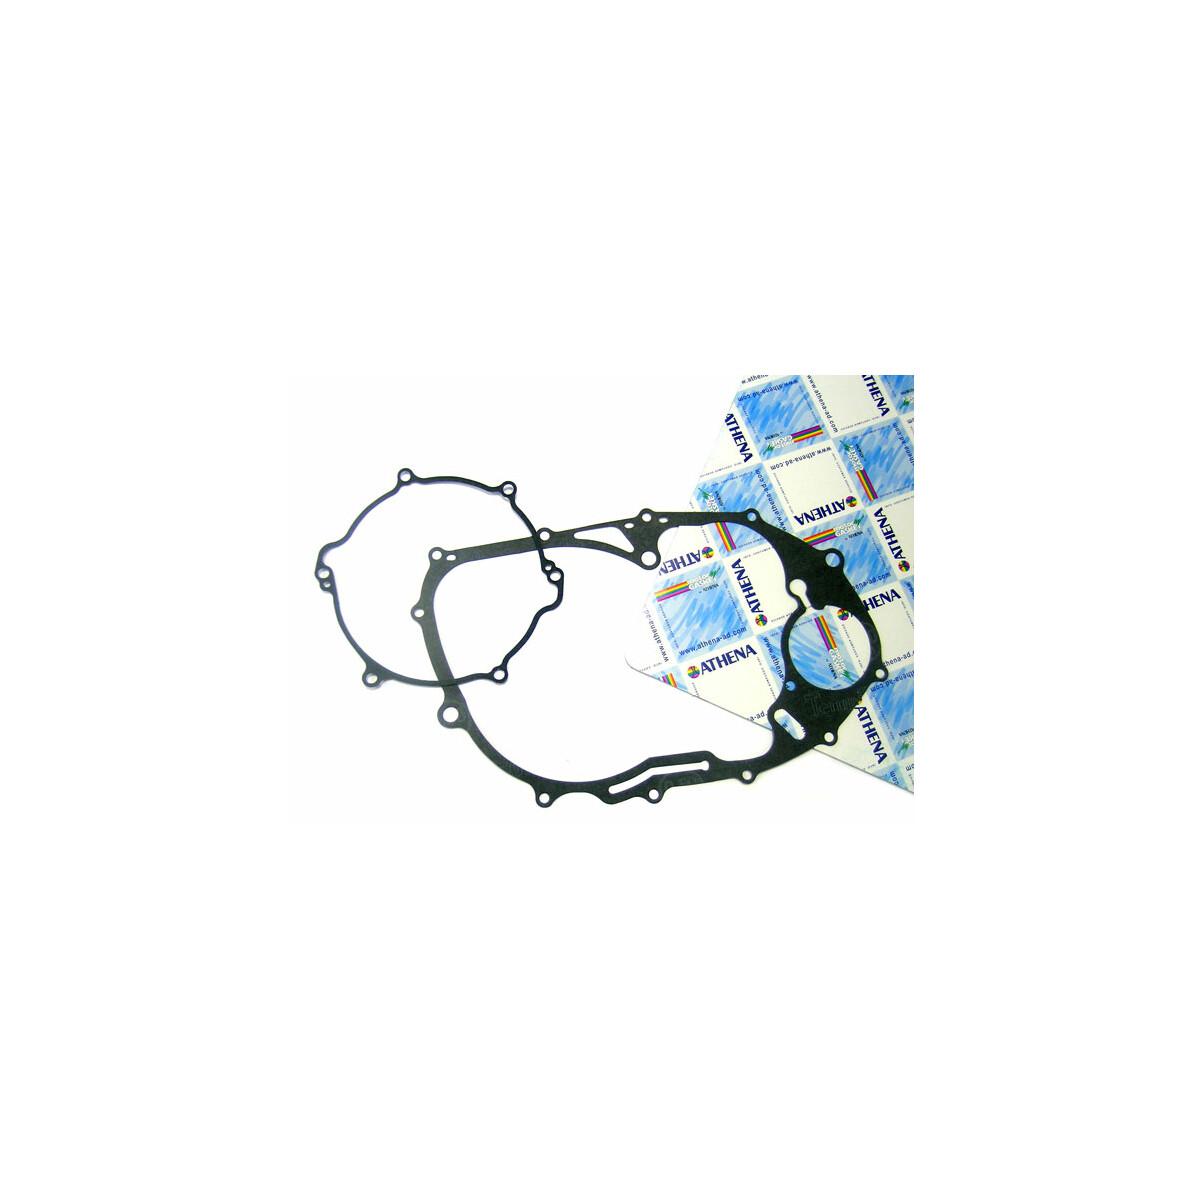 Athena Dichtung Kupplungsdeckel f Gas Gas EC 200 S410155008003 Motorrad